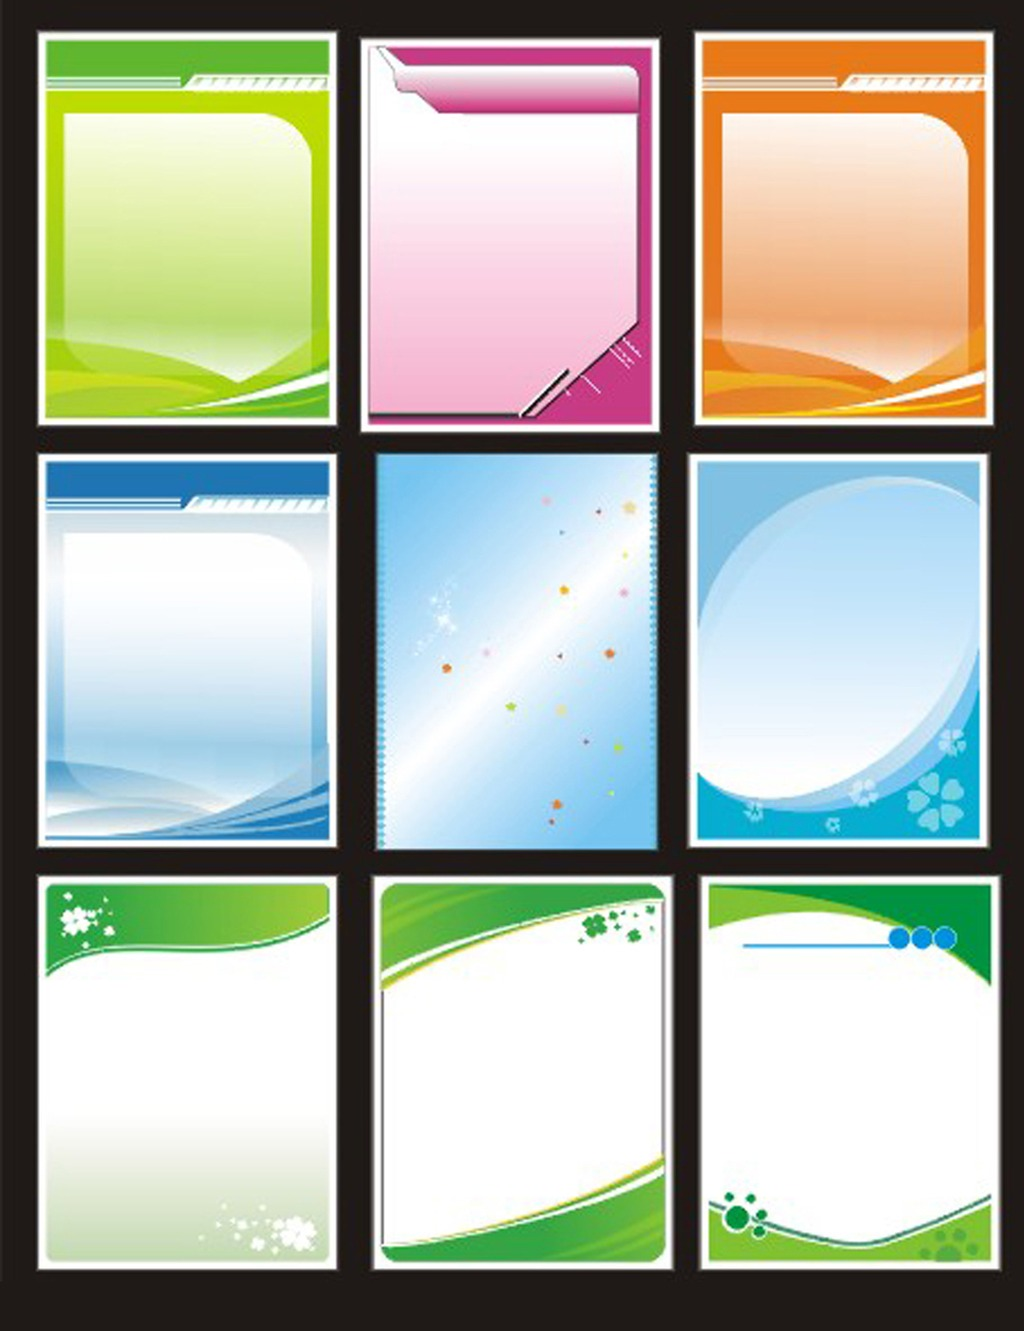 背景 展板 学校展板 学校模板 制度牌 学校宣传栏 幼儿园背景 展板图片